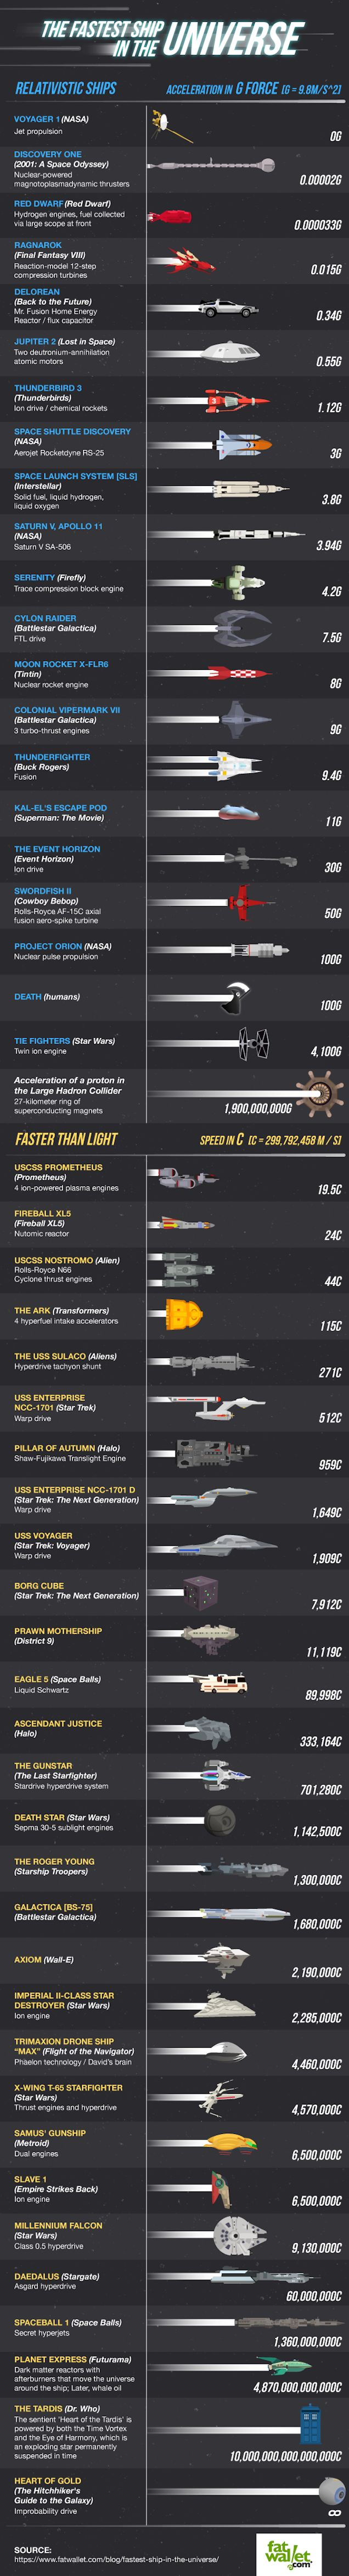 Comparaison de l'accélération des vaisseaux spatiaux - La boite verte